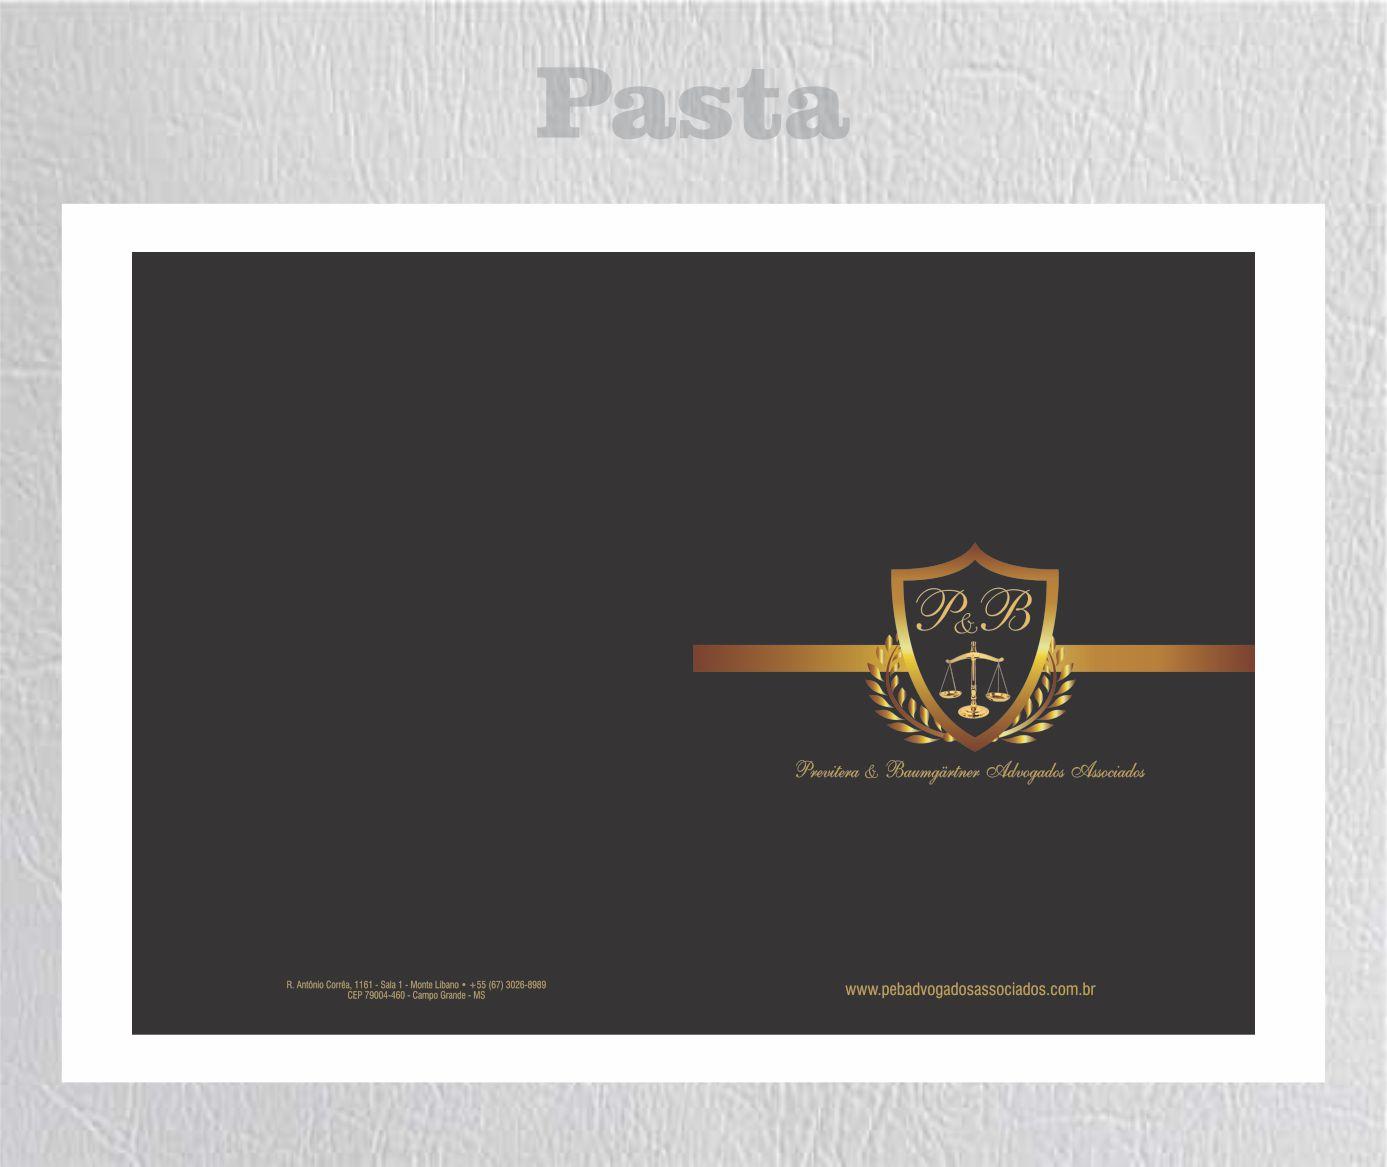 pb pasta